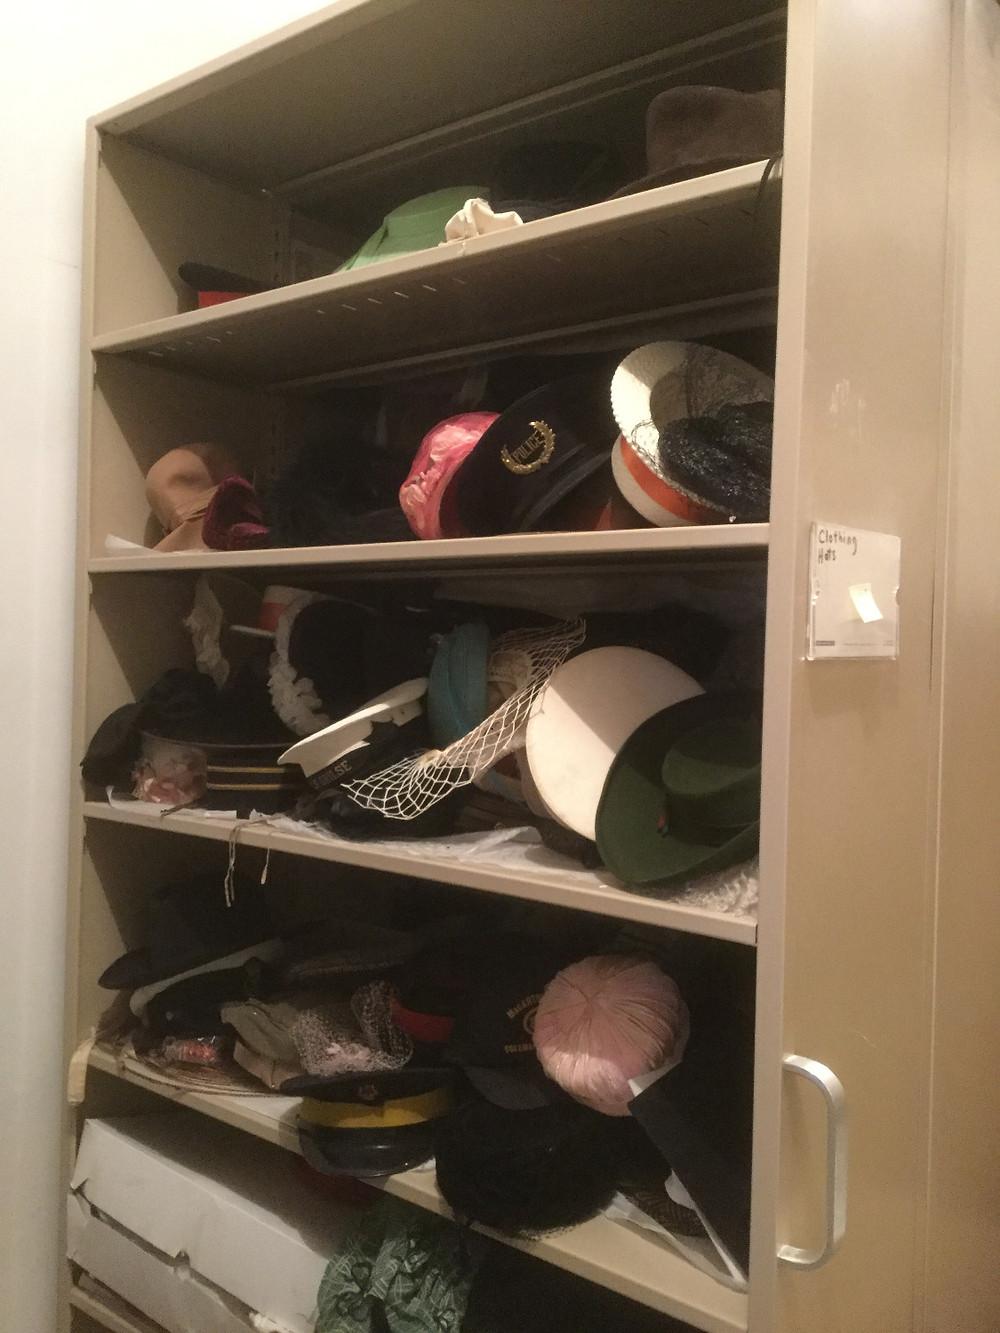 A shelf of hats, November 2017